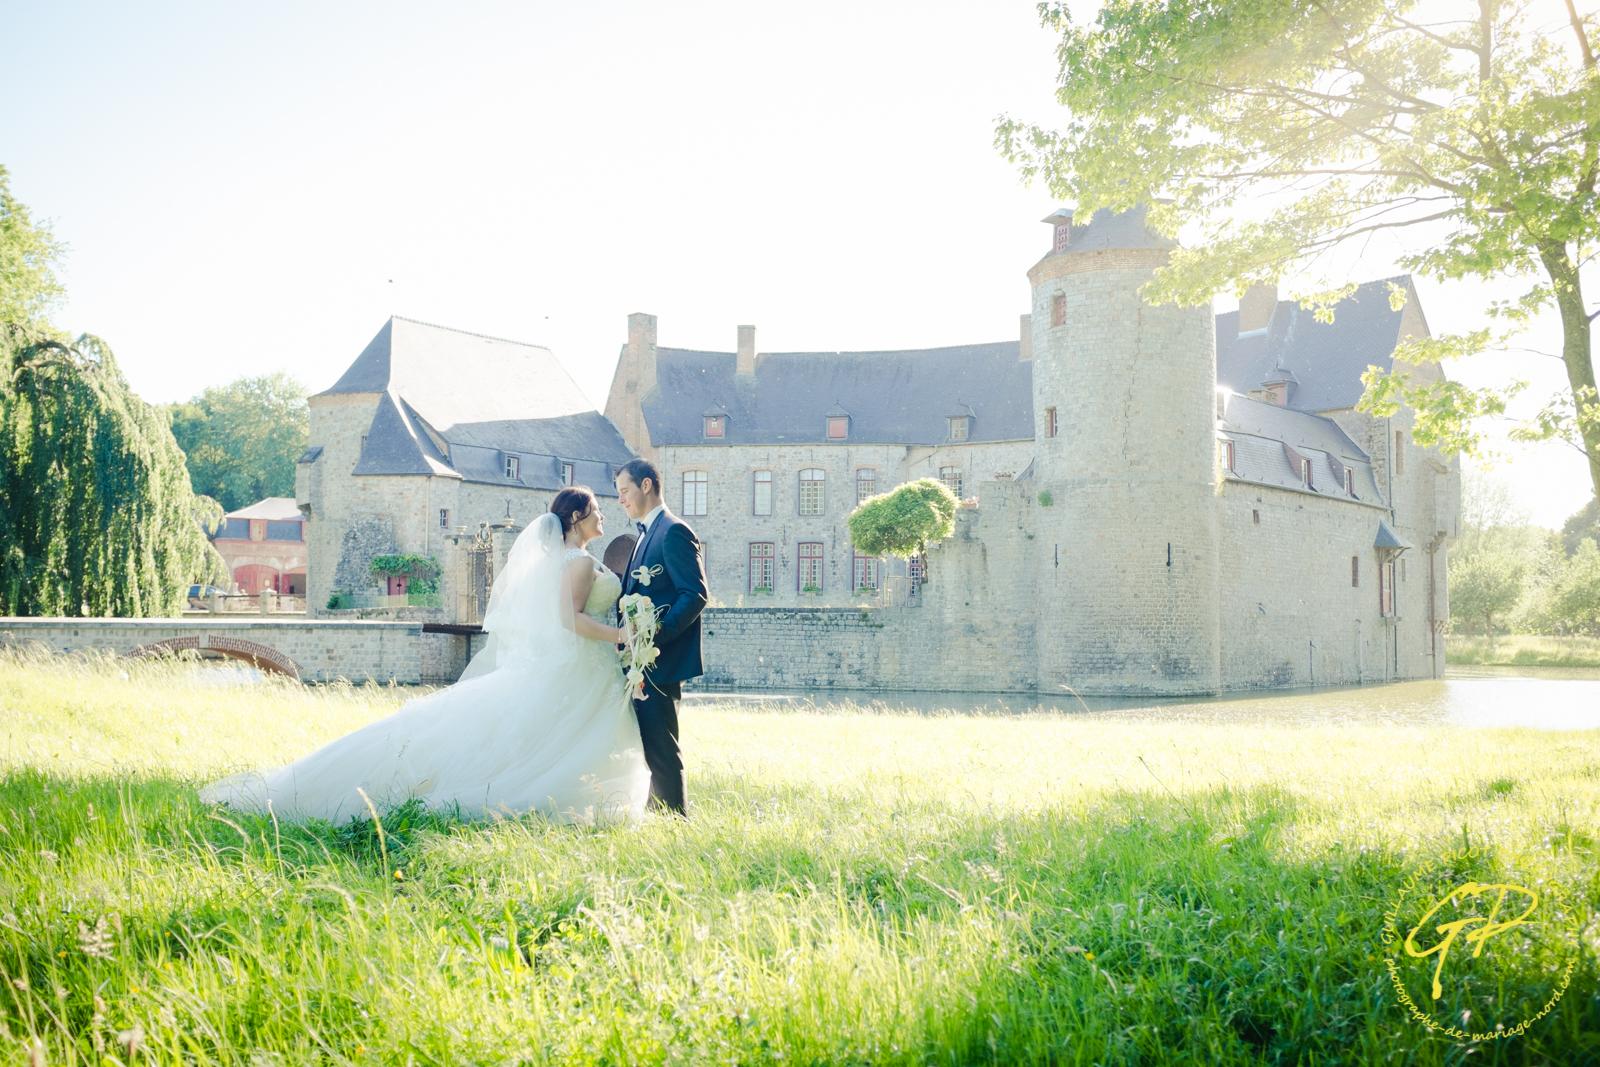 mariage Landrecie-6158